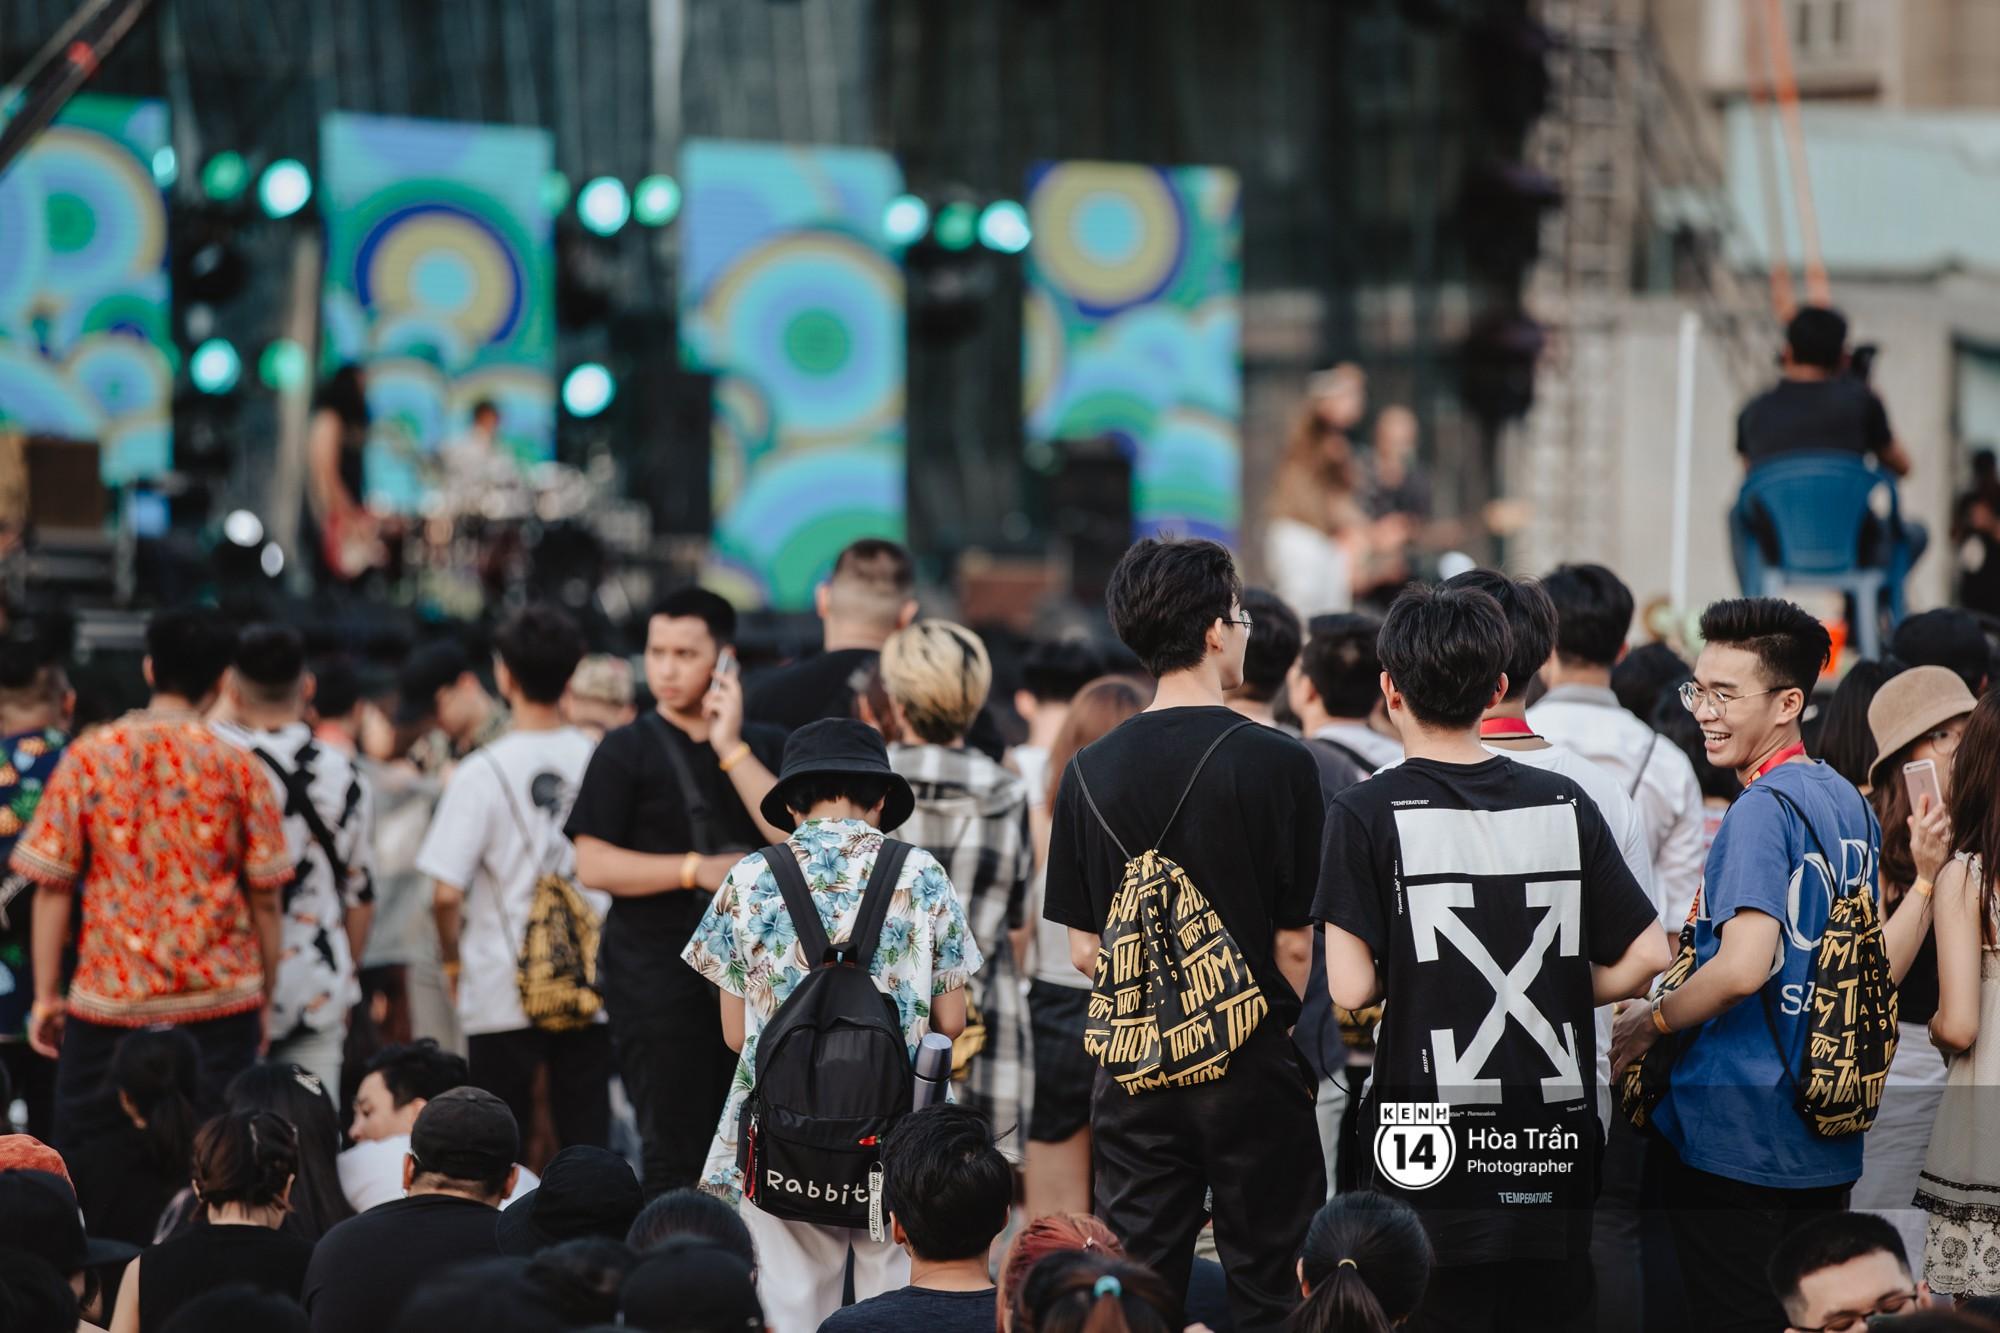 Giới trẻ Sài Gòn cùng loạt nghệ sĩ đình đám như Vũ, Đen Vâu, Suboi hoà mình vào bữa tiệc âm nhạc hoành tráng tại Thơm Music Festival - Ảnh 19.